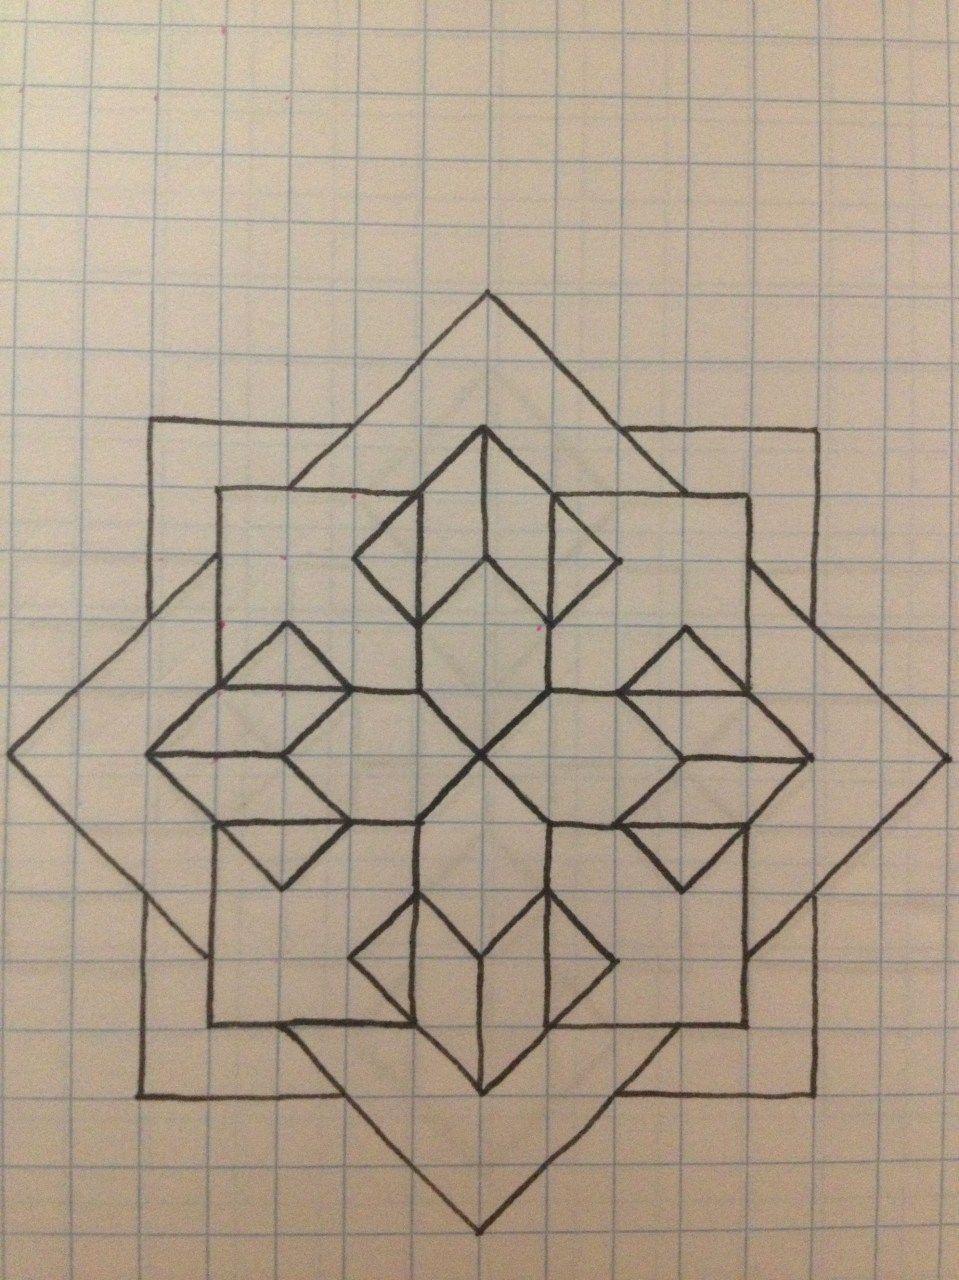 Linienspirale Zeichnungen Mitgoldene Mitspirale